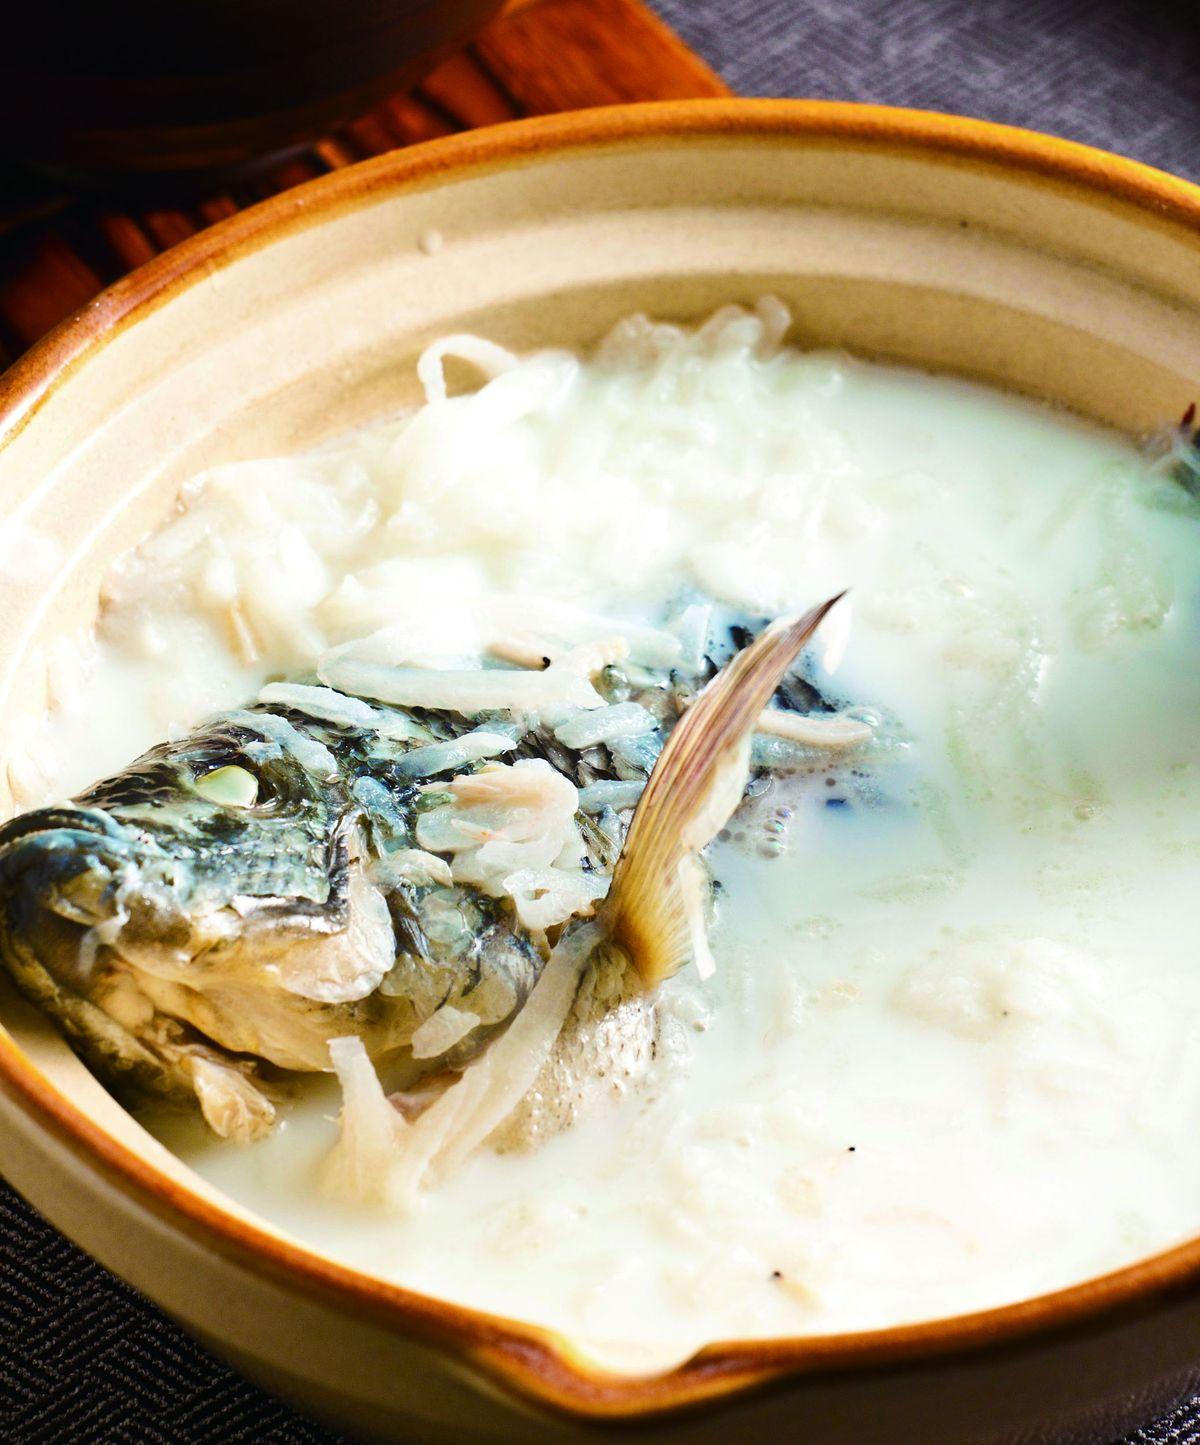 食譜:鮮魚蘿蔔絲湯